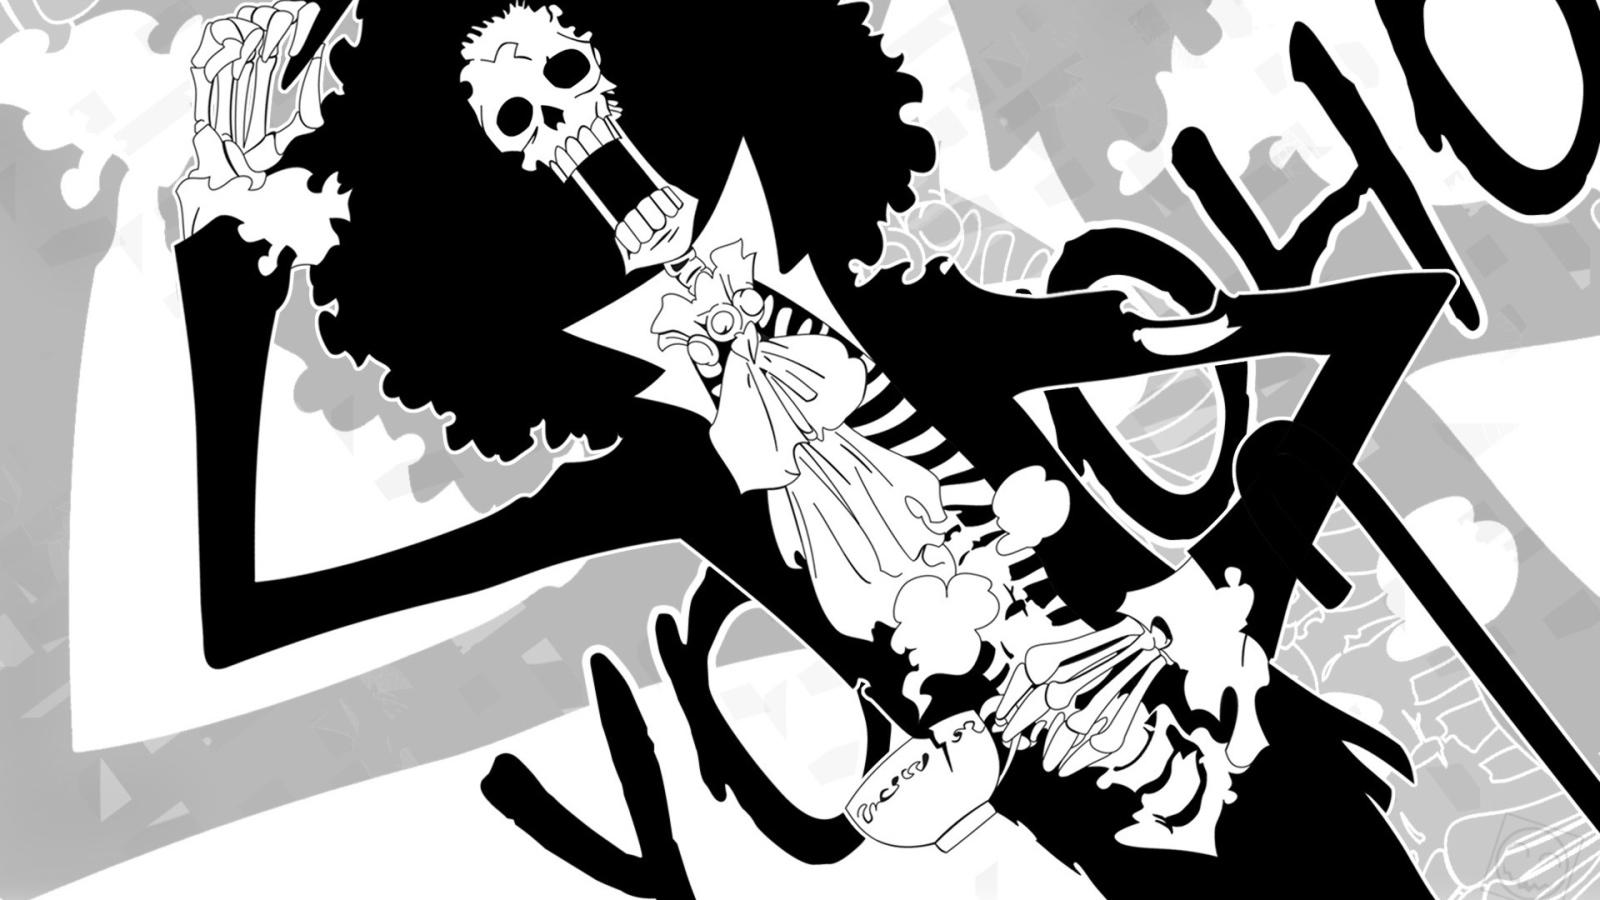 van-pis-skelet